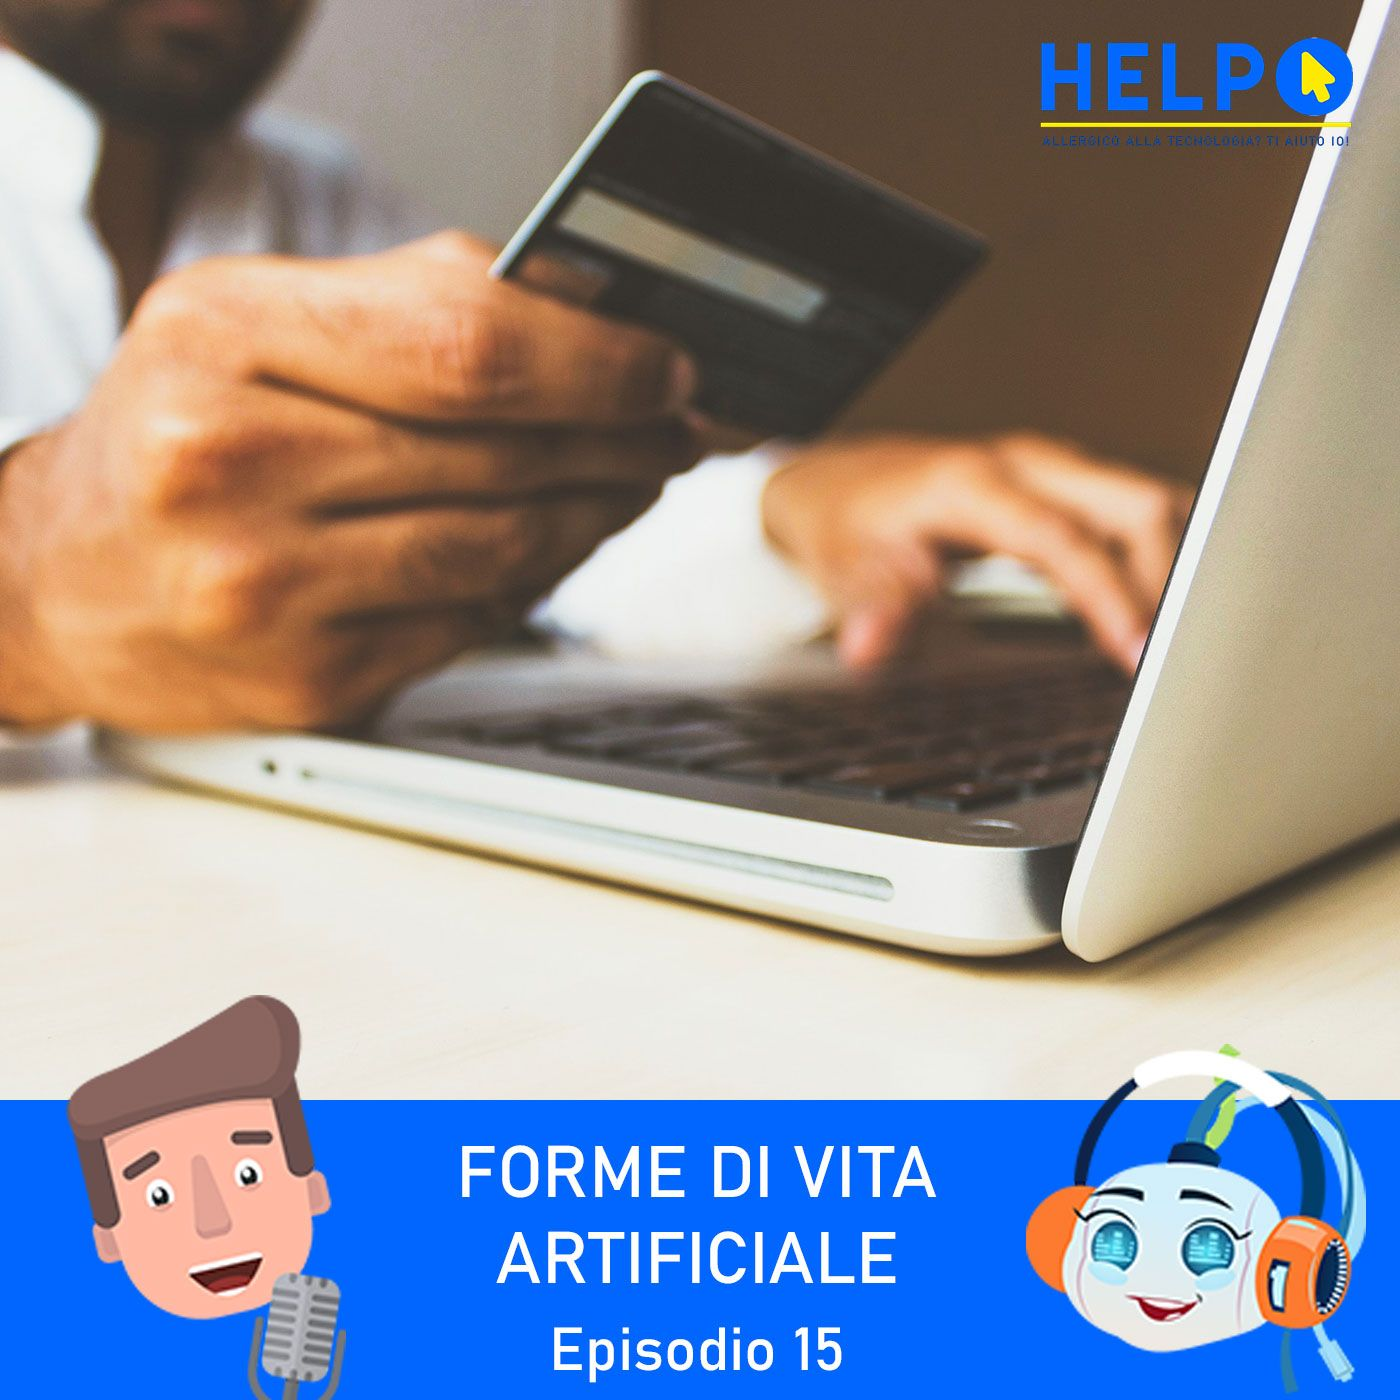 Ep.15 - Pagamenti sicuri per i tuoi acquisti online